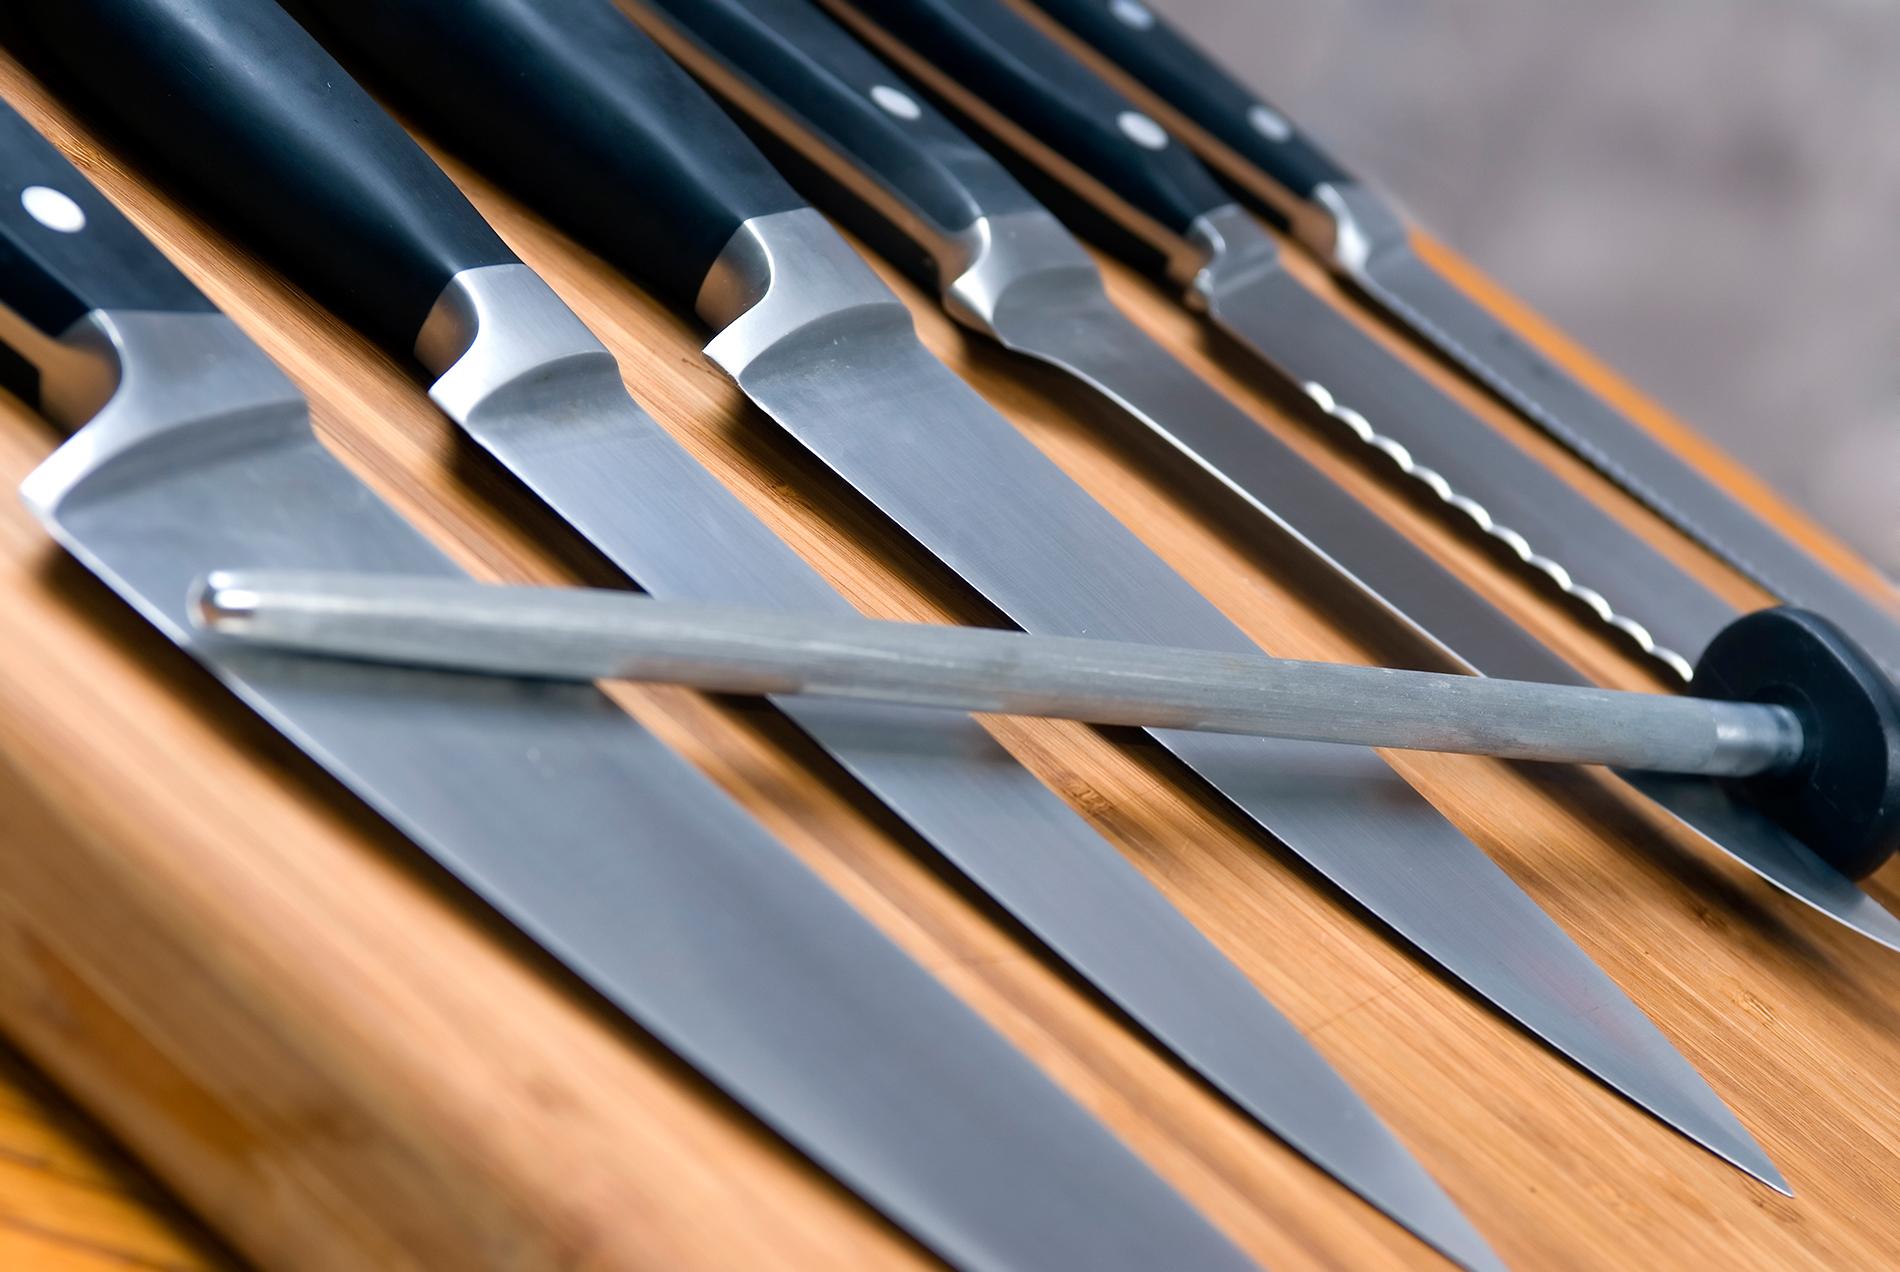 Eine Messer-Sammlung